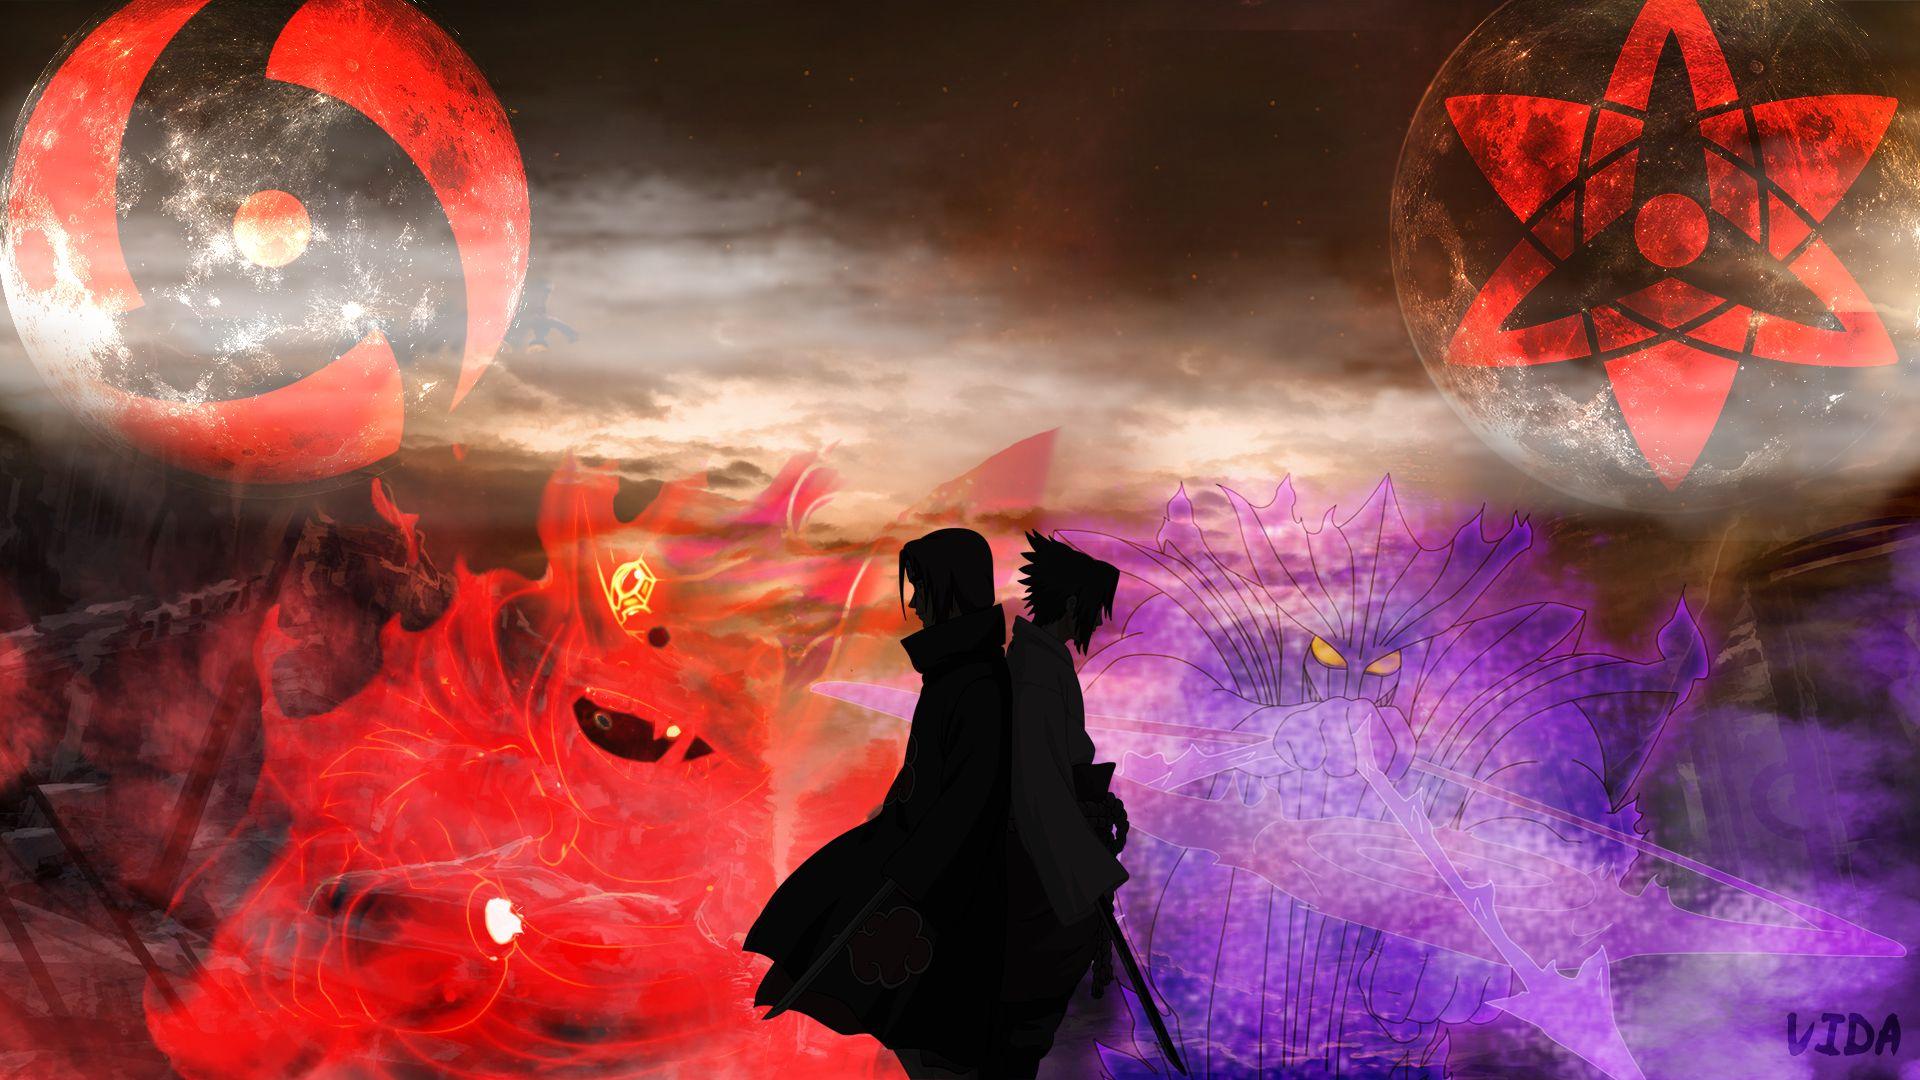 Itachi Wallpapers Hd Wallpapers Backgrounds Images Art Photos Itachi Itachi Uchiha Uchiha